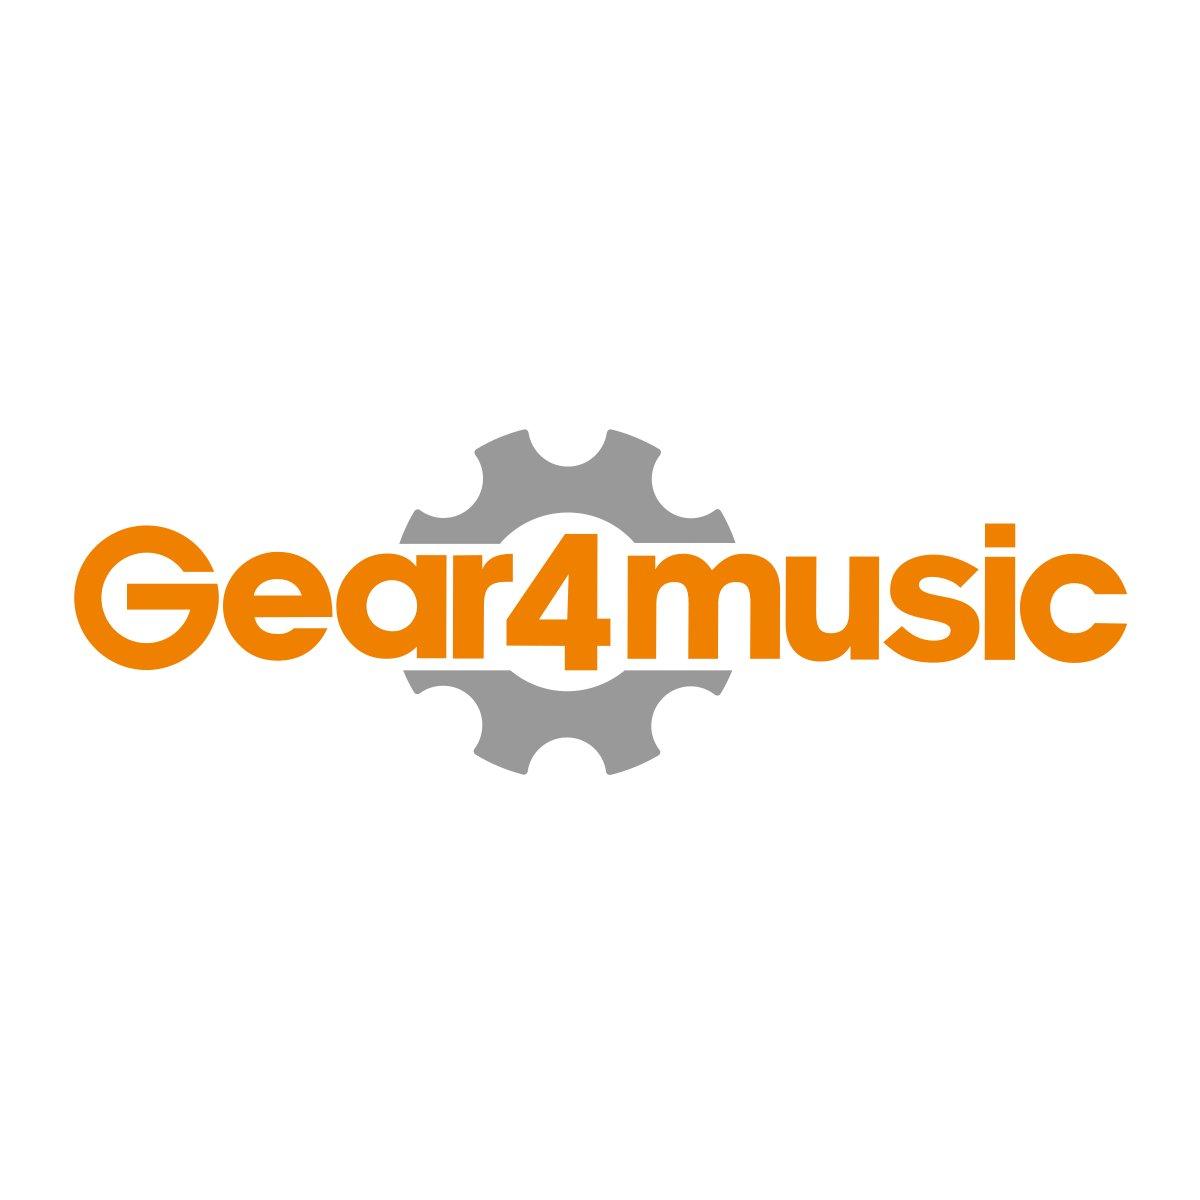 Chicago 5-strängad Trans Red Basgitarr + 35W Förstärkarpaket av Gear4music